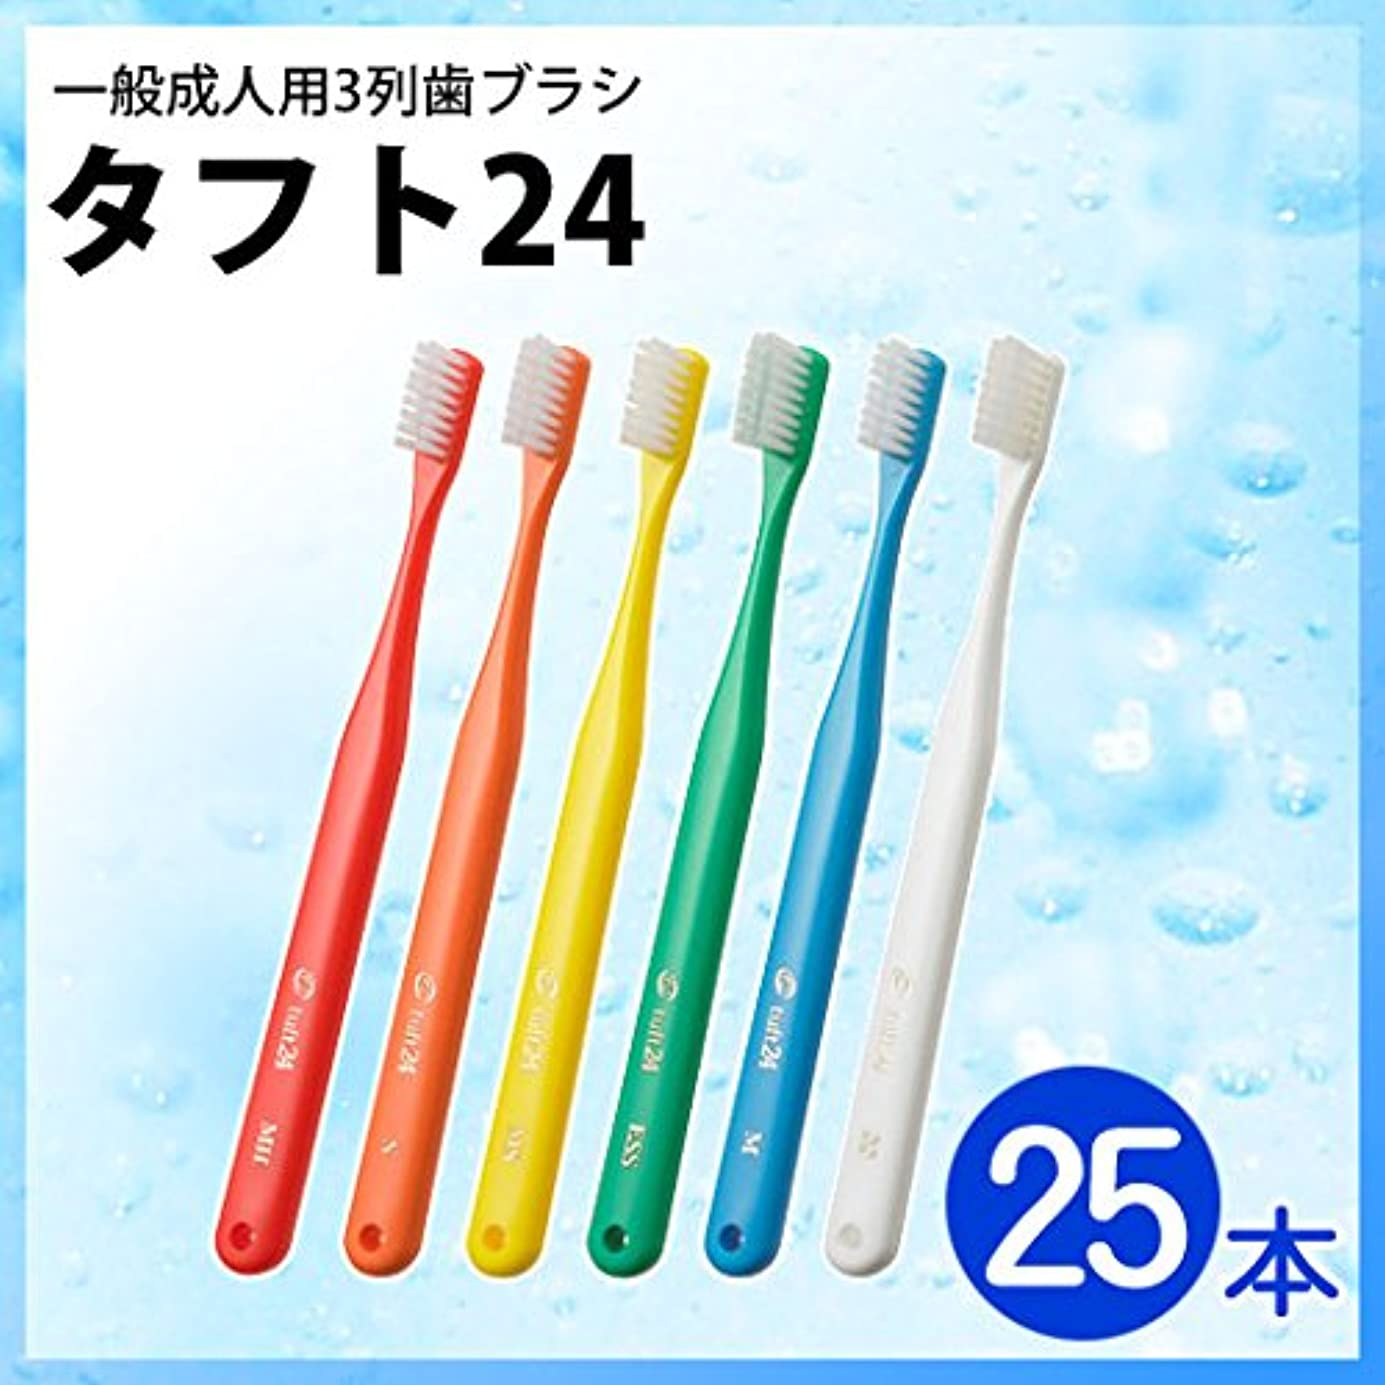 はっきりしない粘液喉頭タフト24 【歯ブラシ/タフト】25本セットオーラルケア タフト24 一般成人用 3列歯ブラシ MS(ミディアムソフト) グリーン